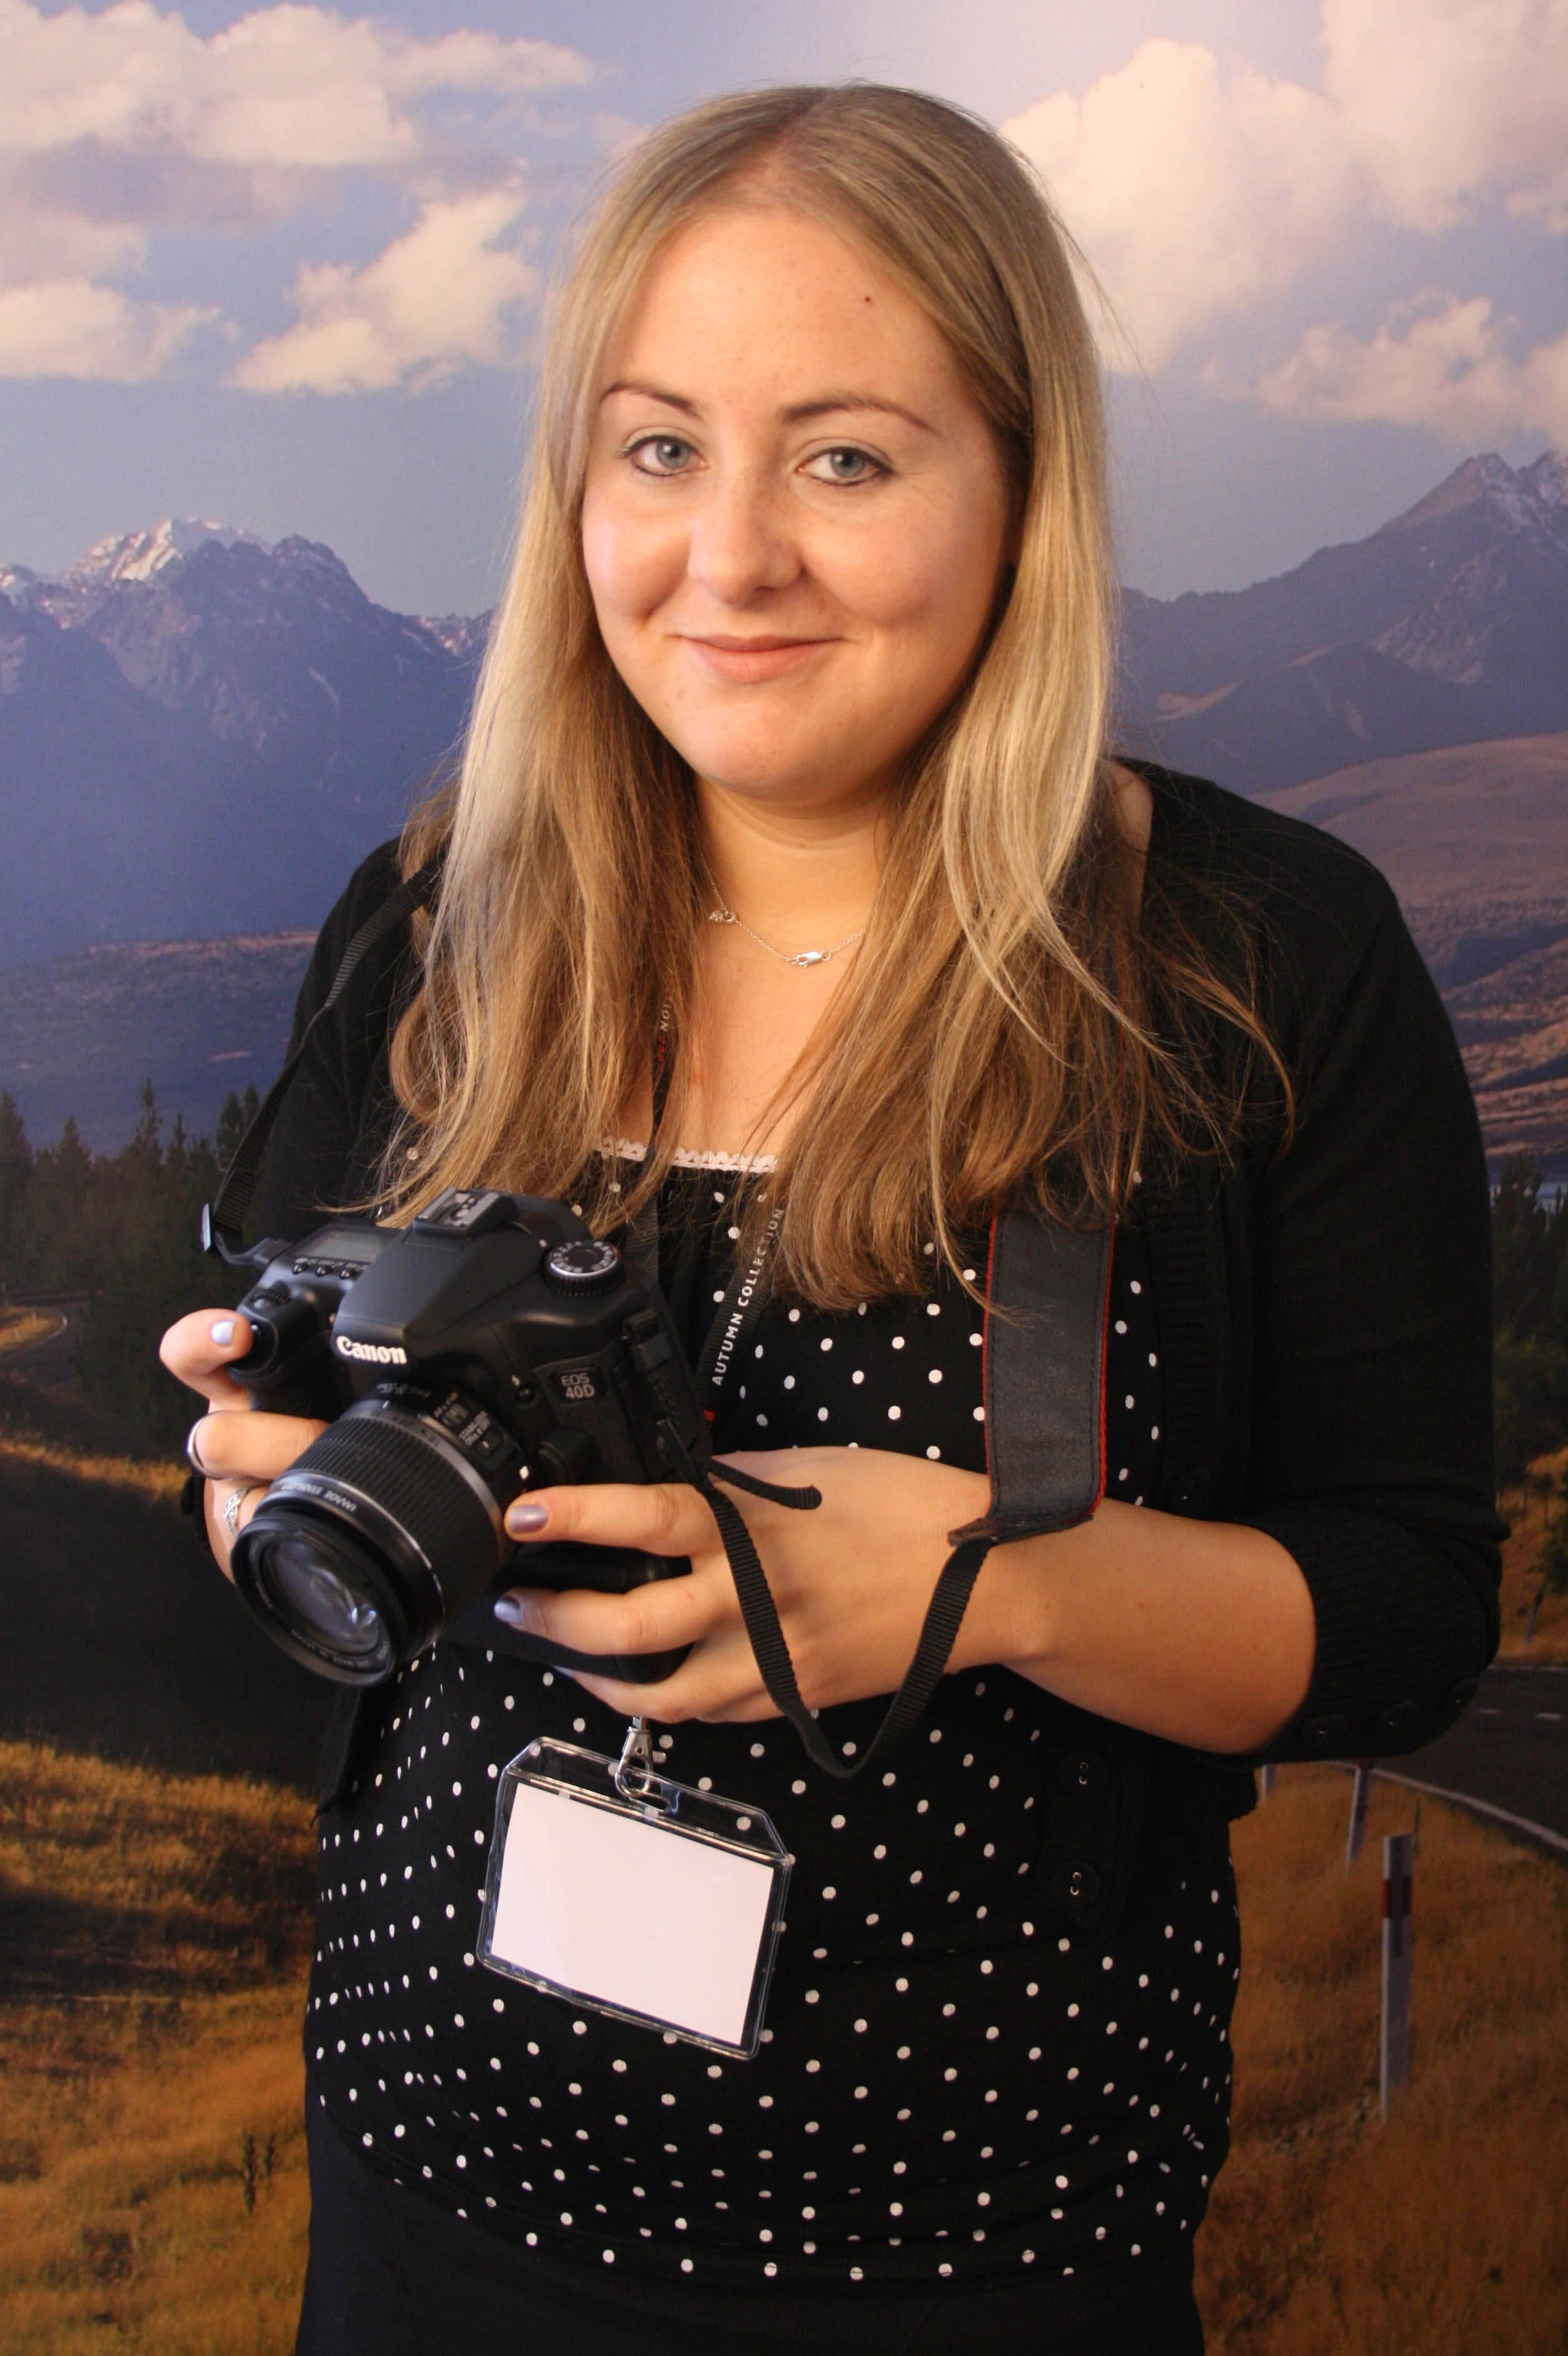 Canon EOS 40D and Rebecca